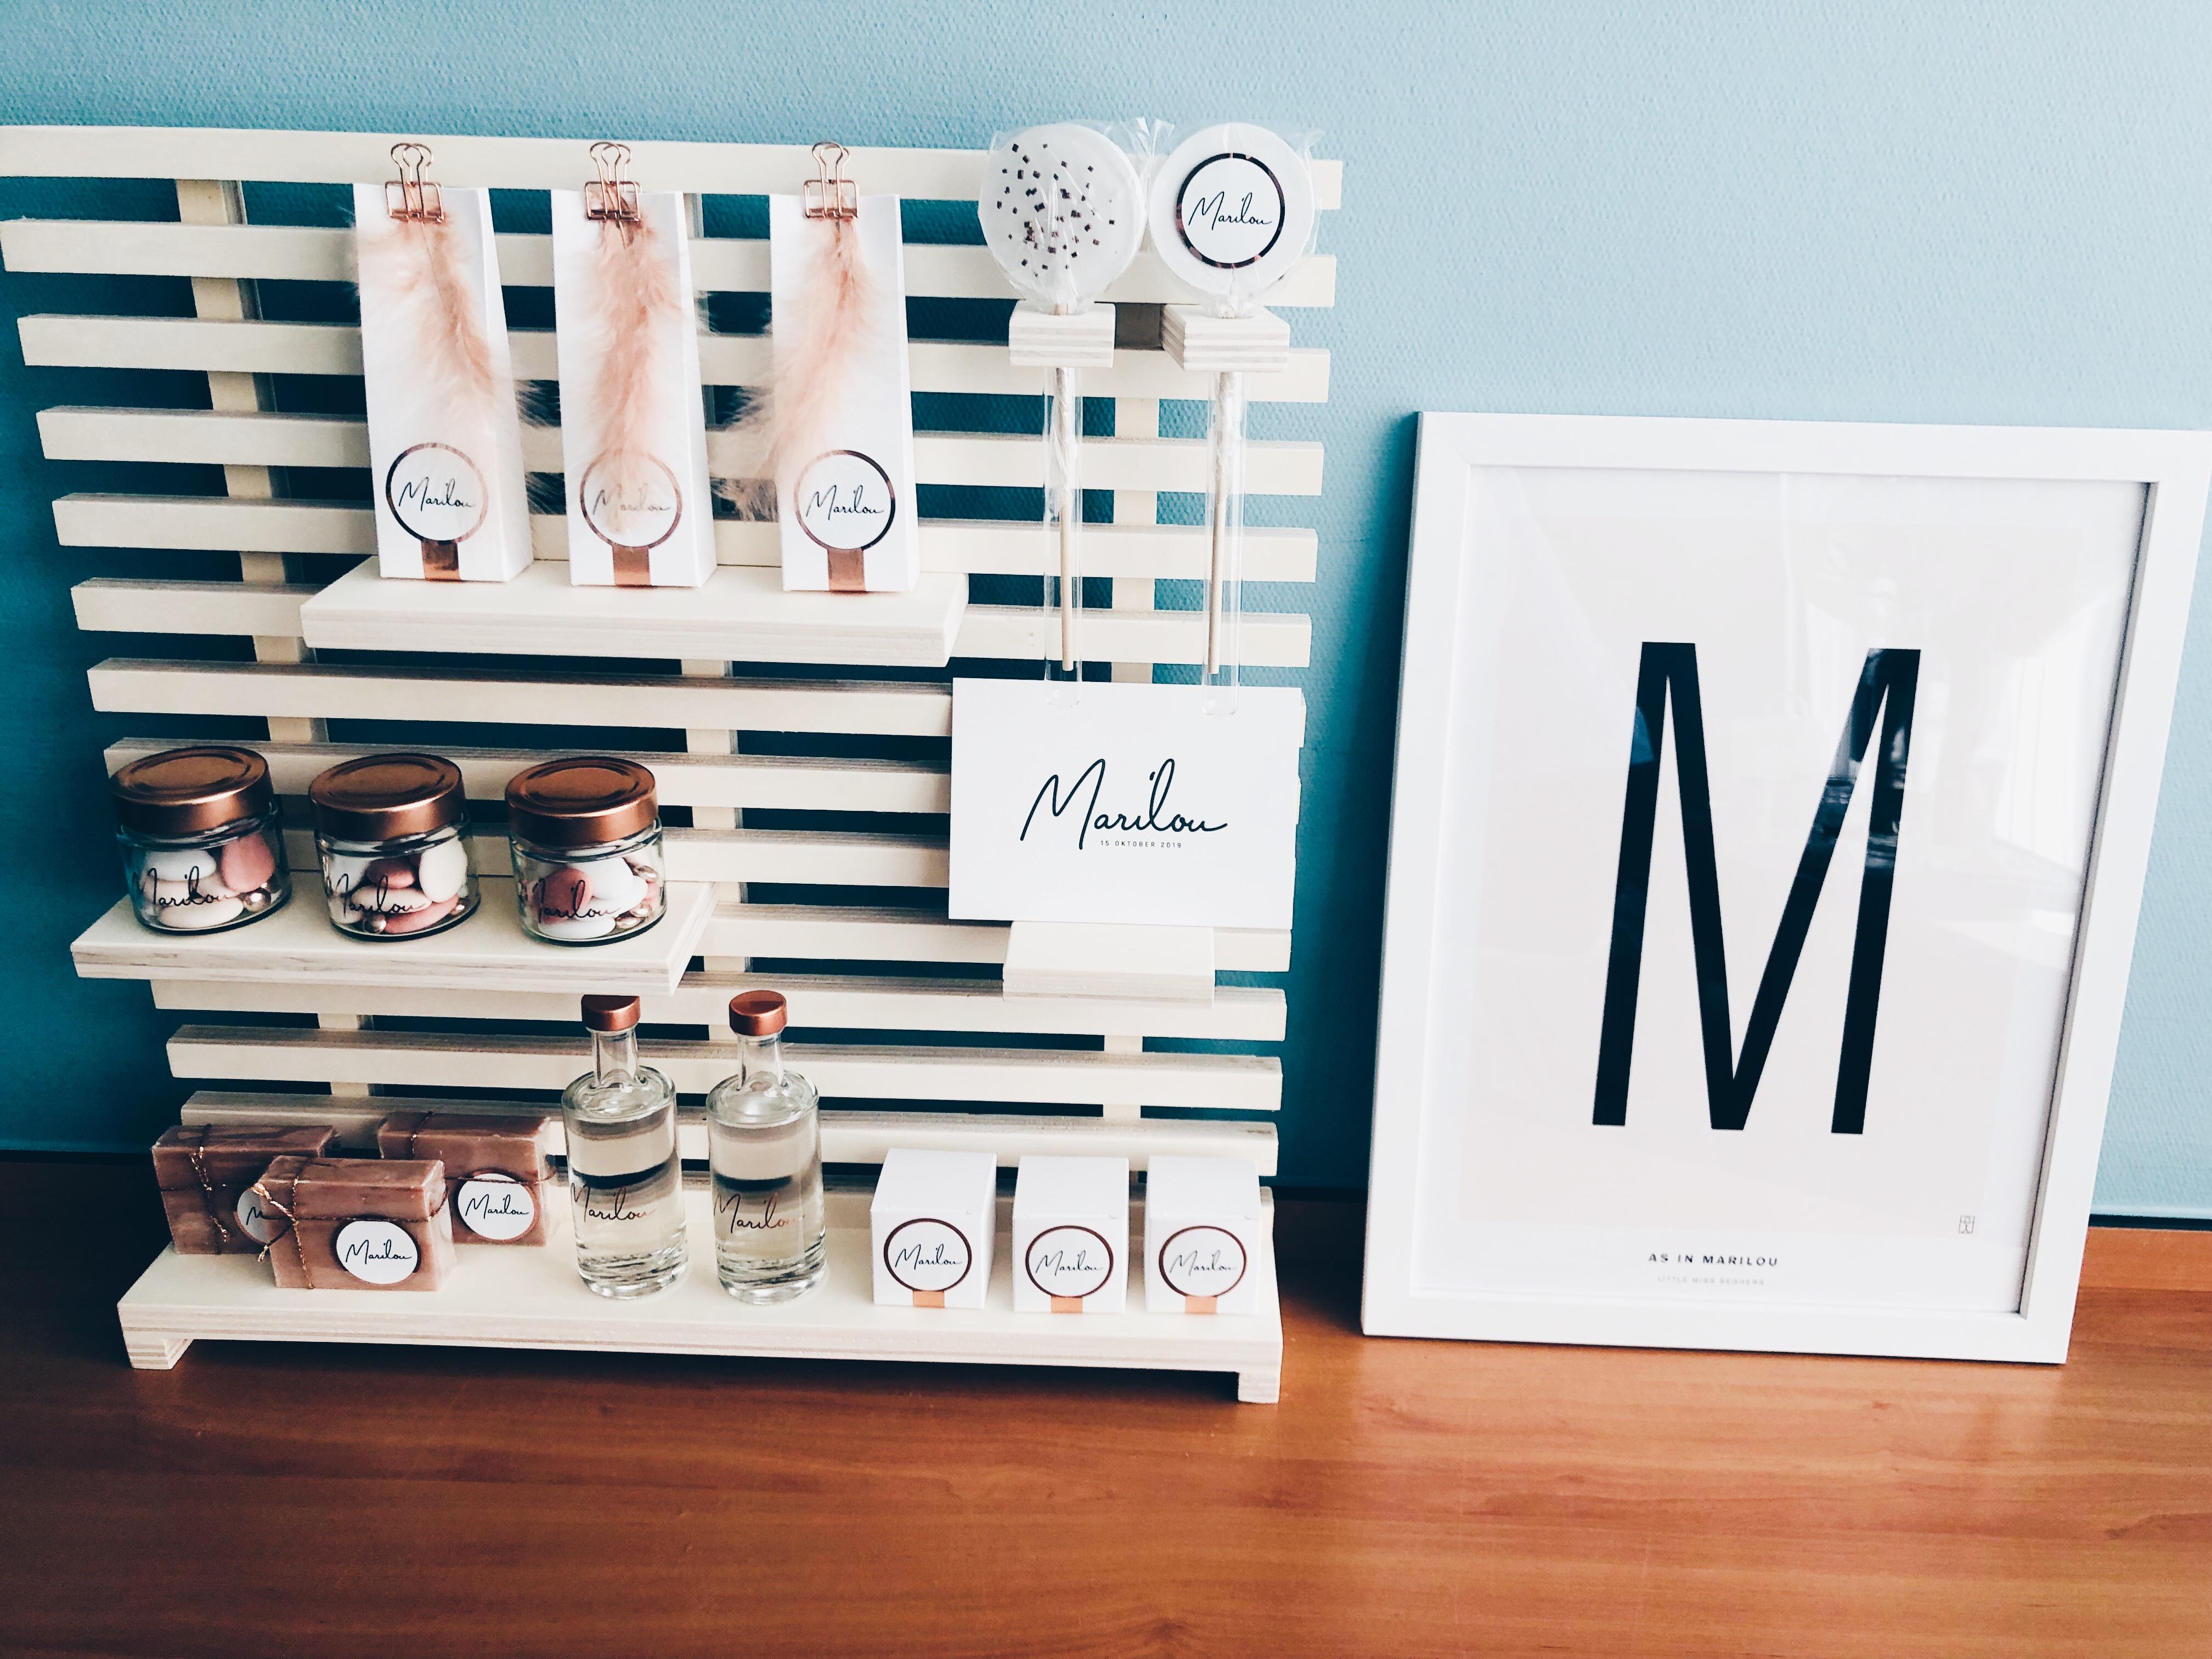 Geboortekaartje Marilou, eenvoudig, letterpress zwart wit, minimalistisch, roze, lolly, rosegold, doopsuiker studio blanche